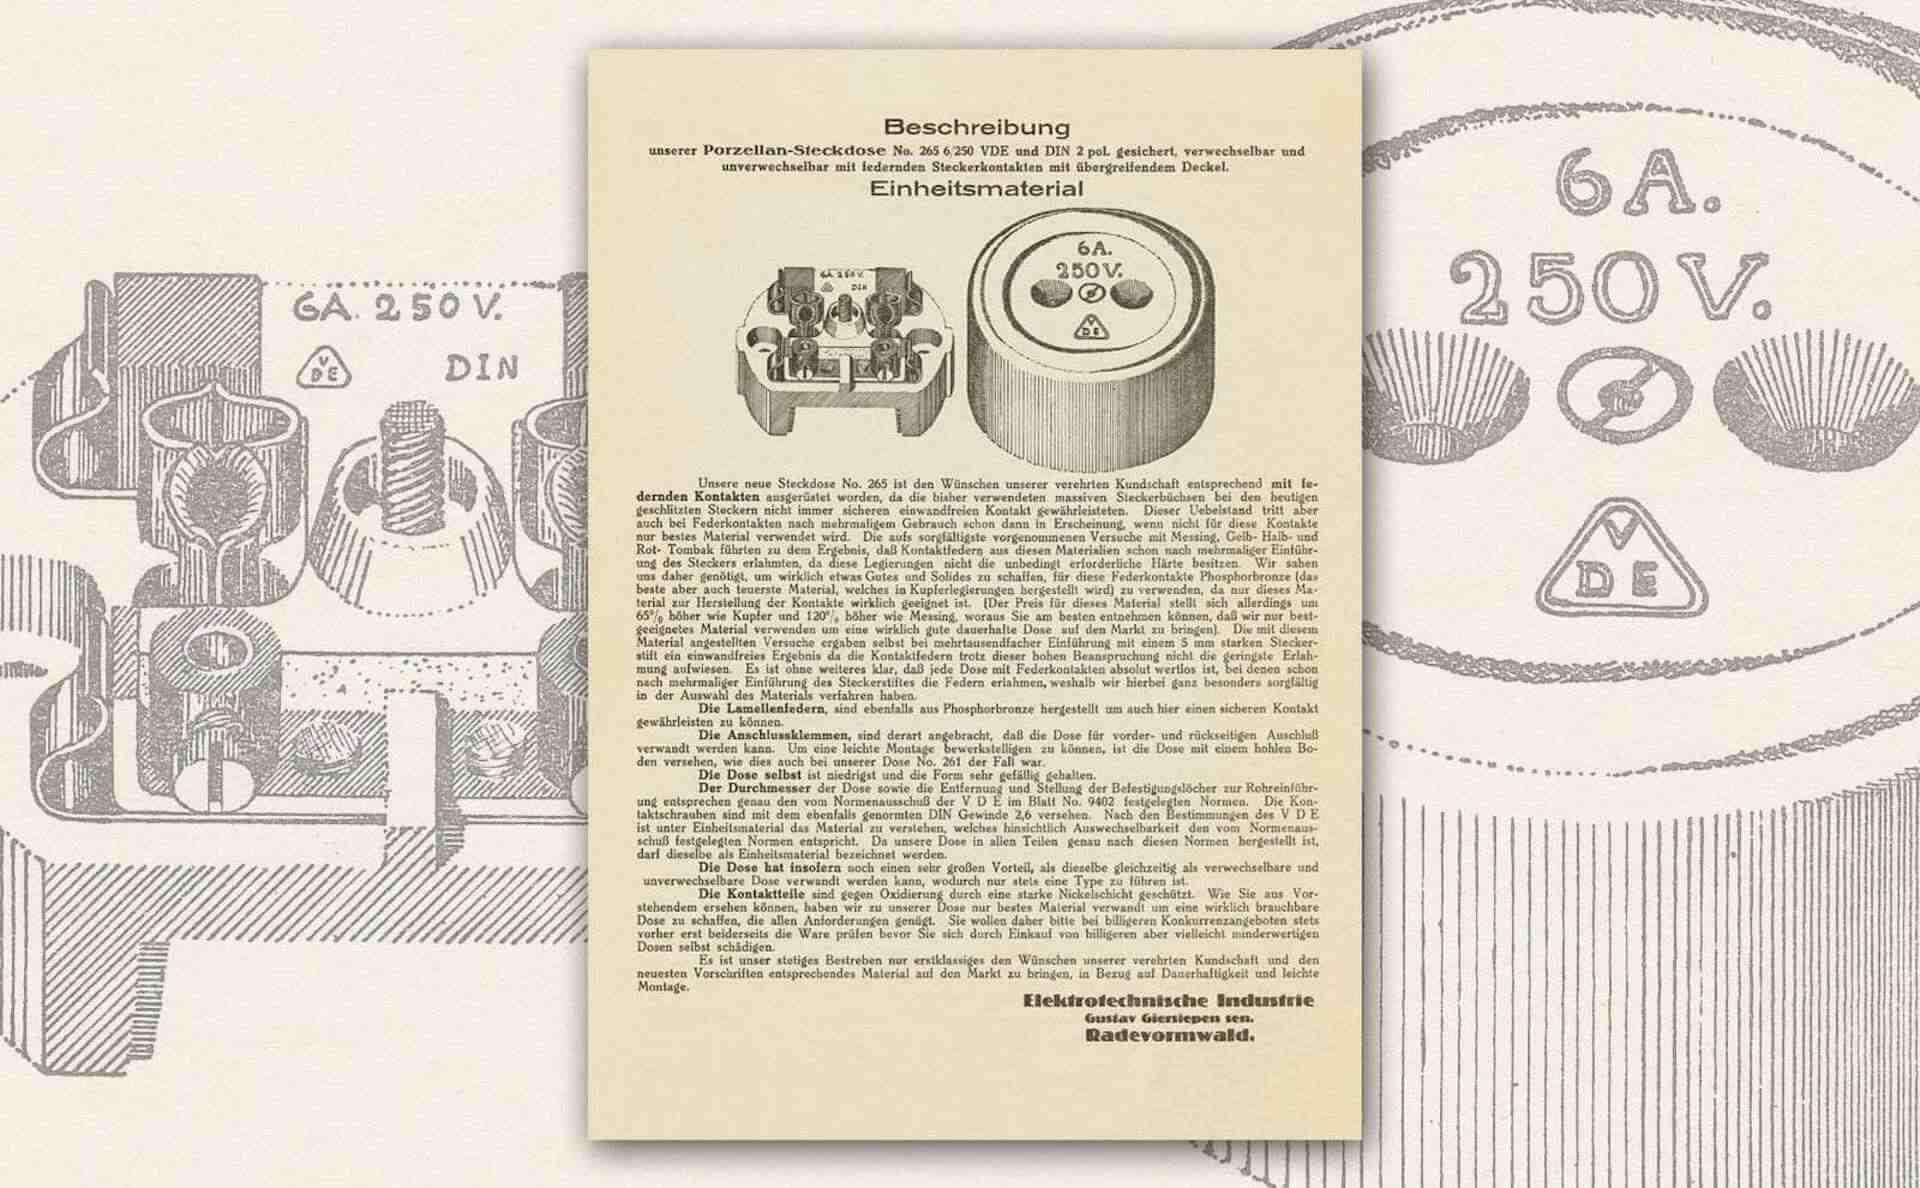 Gira Geschichte Unterlage Abbildung von Steckdose